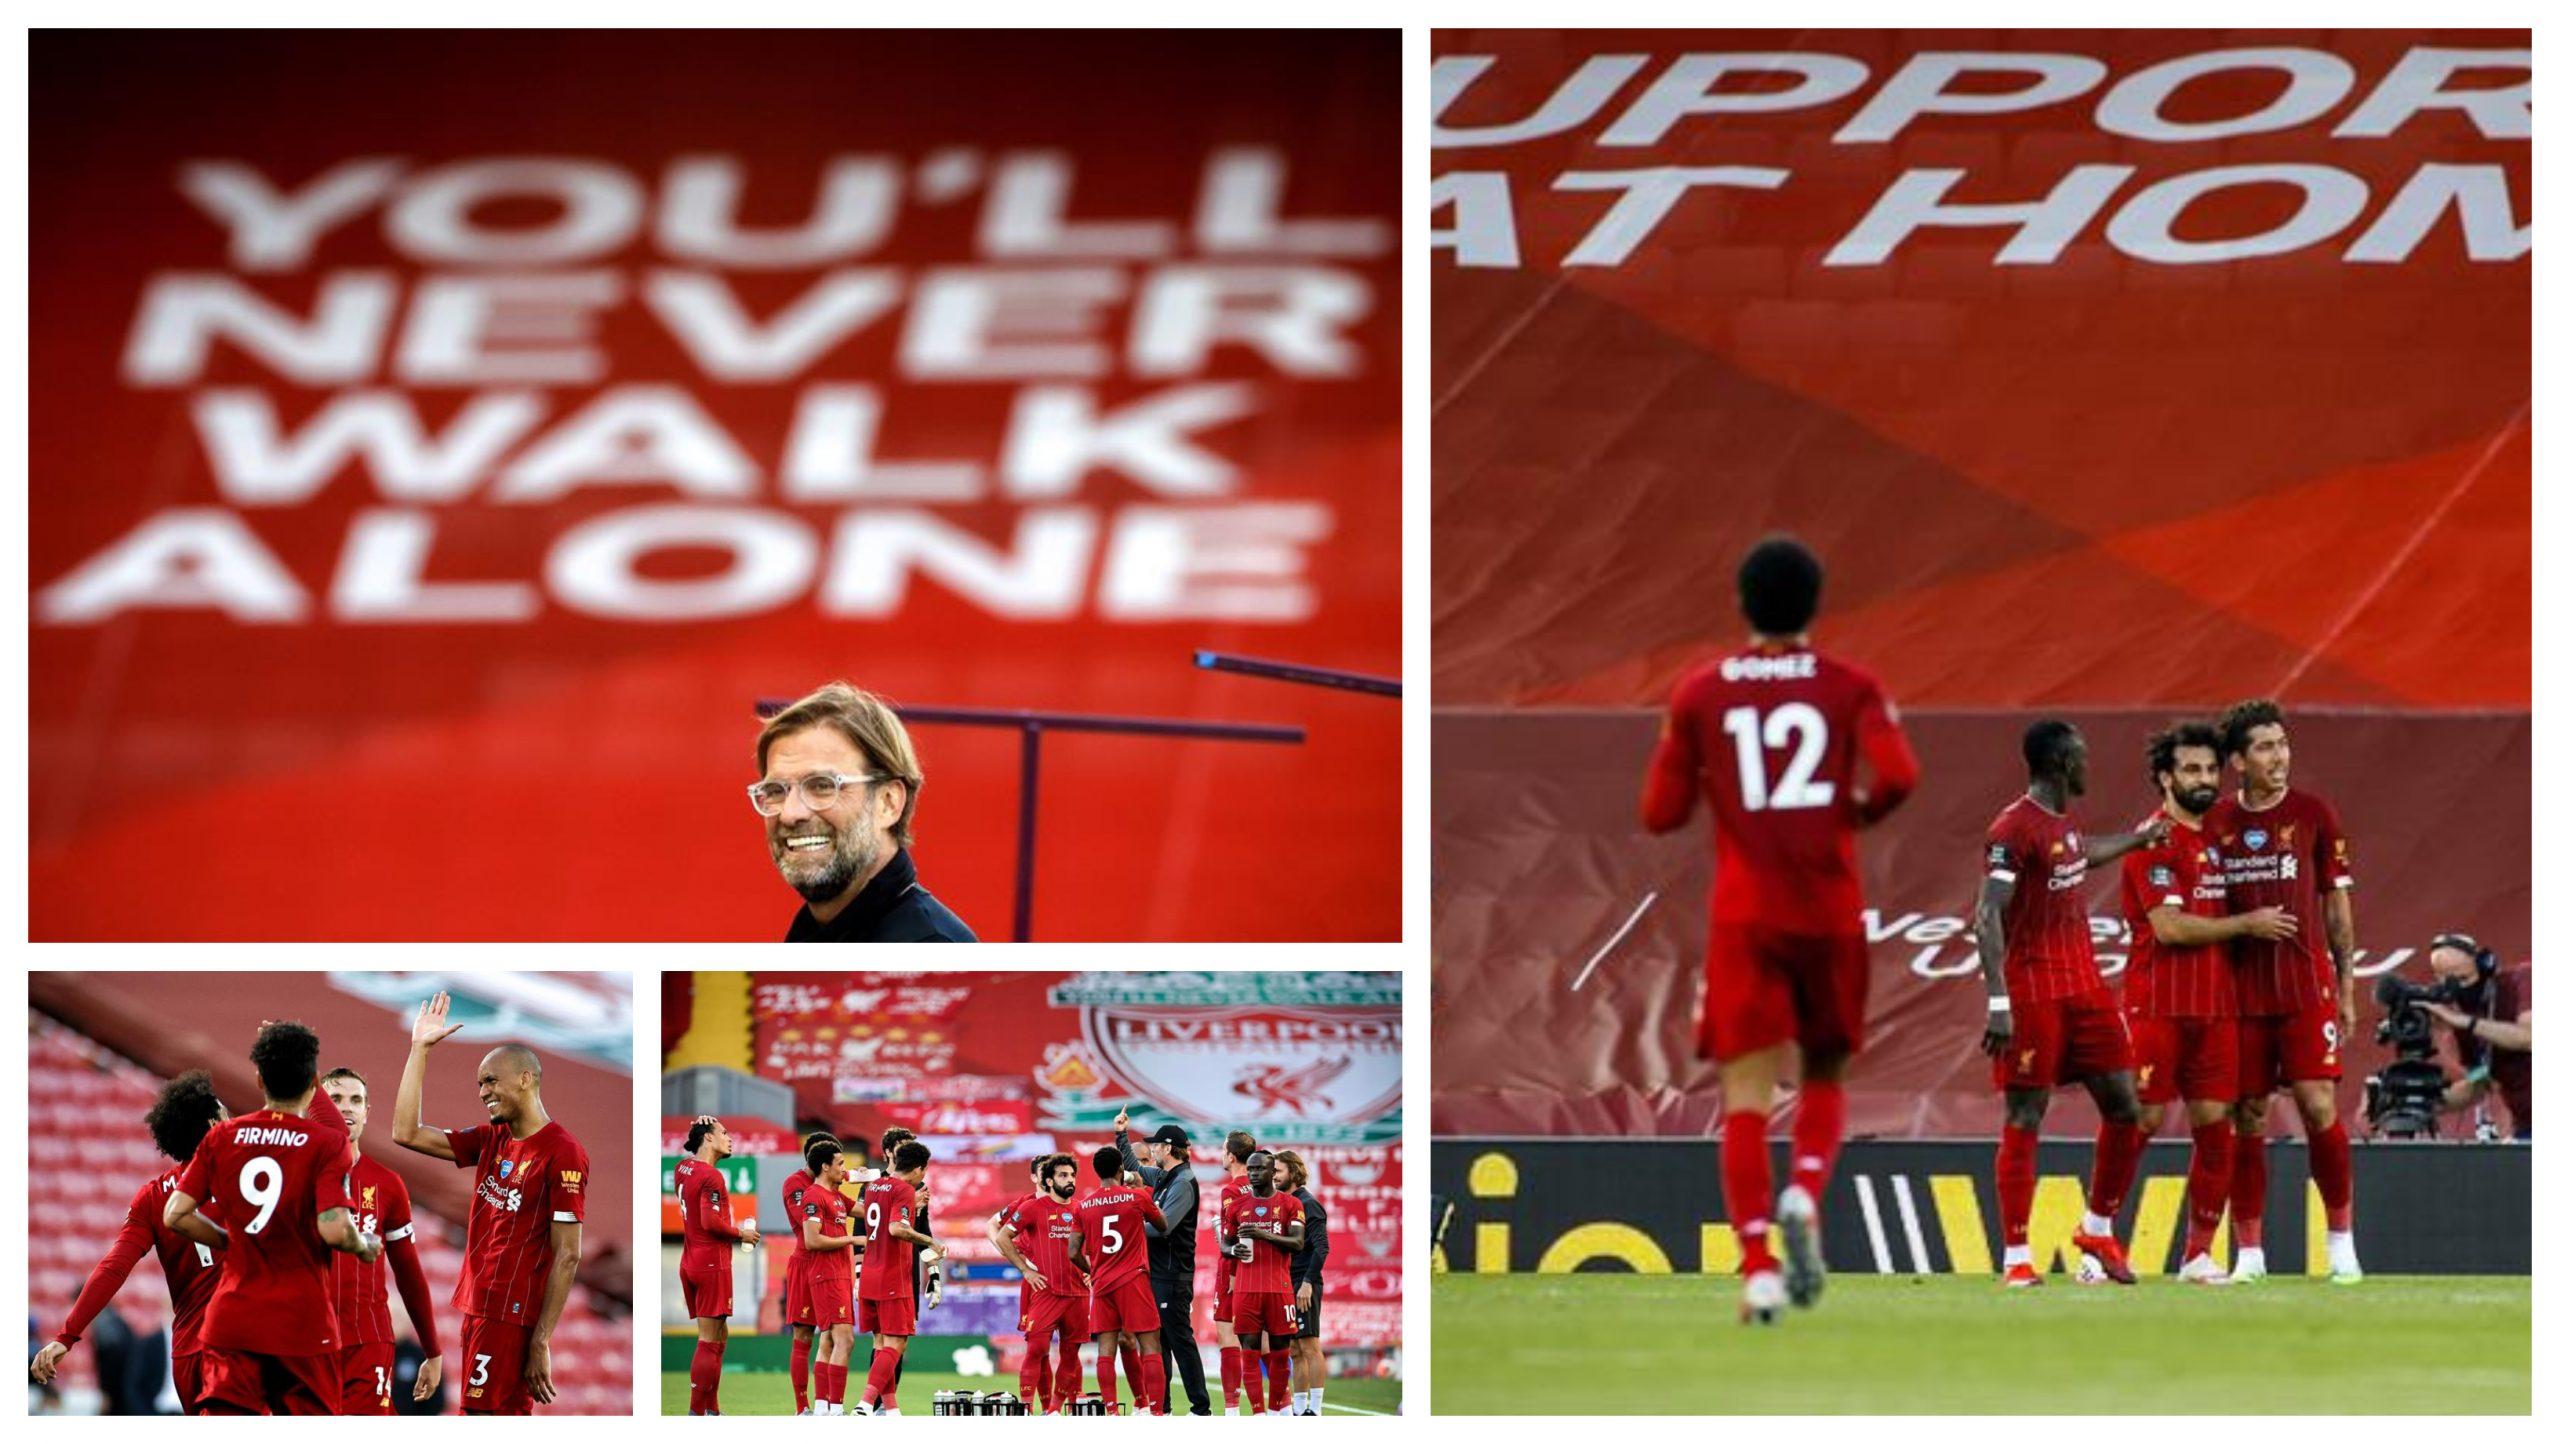 El Liverpool goleó 4-0 ayer al Crystal Palace y se coronó campeón este jueves con el triunfo del Chelsea sobre el Mánchester City. (Foto: EFE)